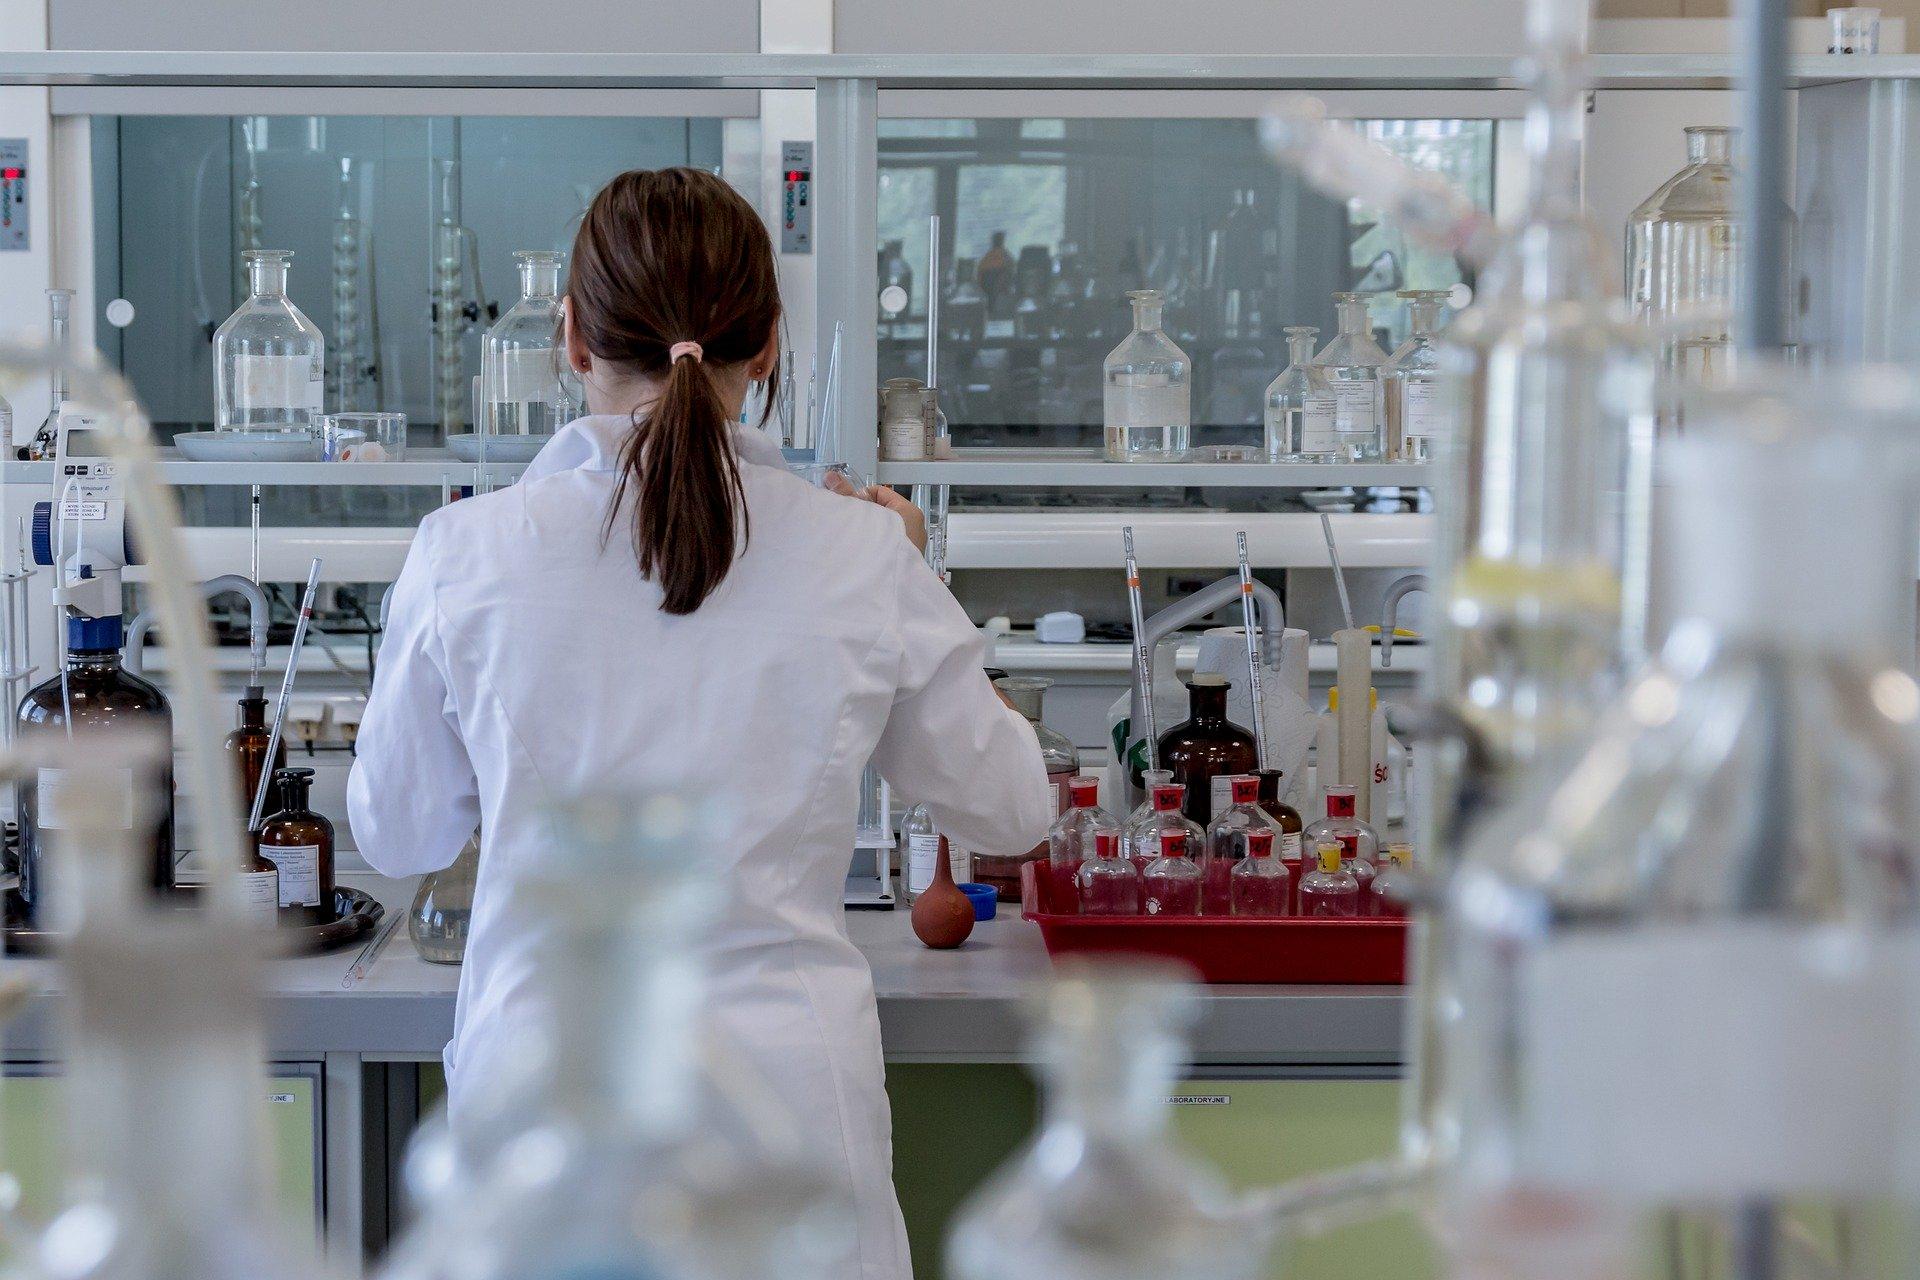 Förderung der Coronavirus-Forschung - Technology & Law